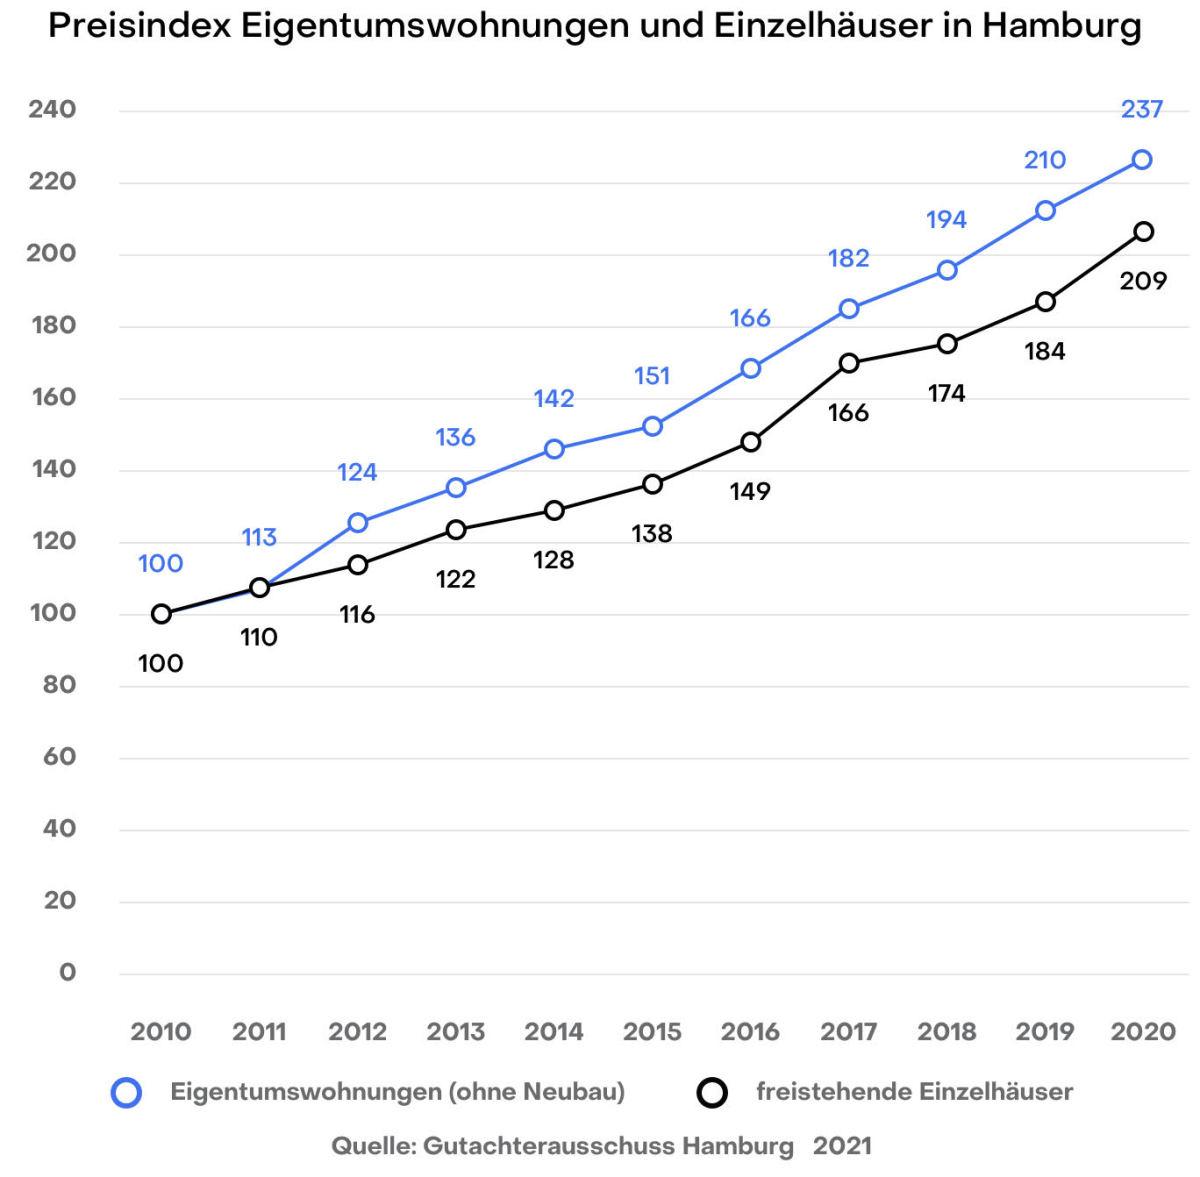 Preisindex Eigentumswohnungen und Häuser in Hamburg, Gutachterausschuss 2020